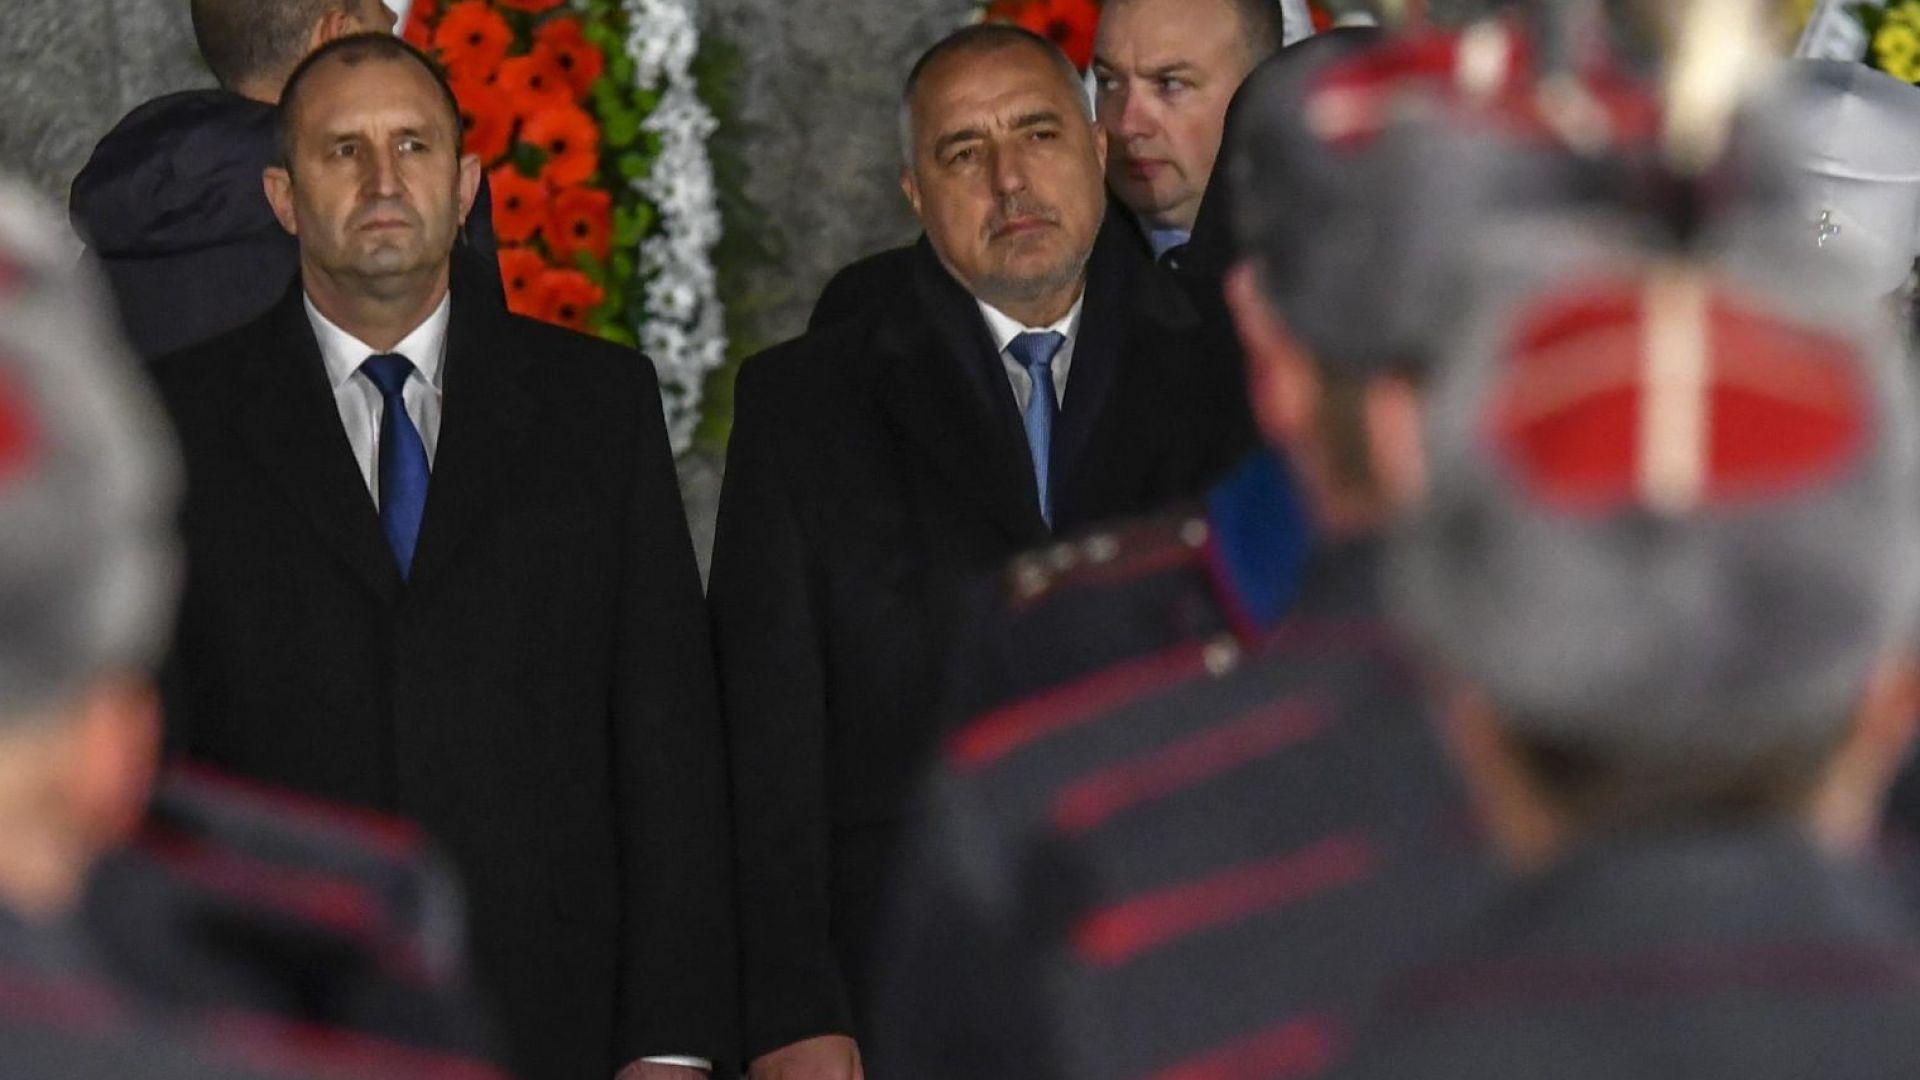 Антоний Тодоров пред Dir.bg: Президентът не може да предизвика избори, а на БСП не стигат силите